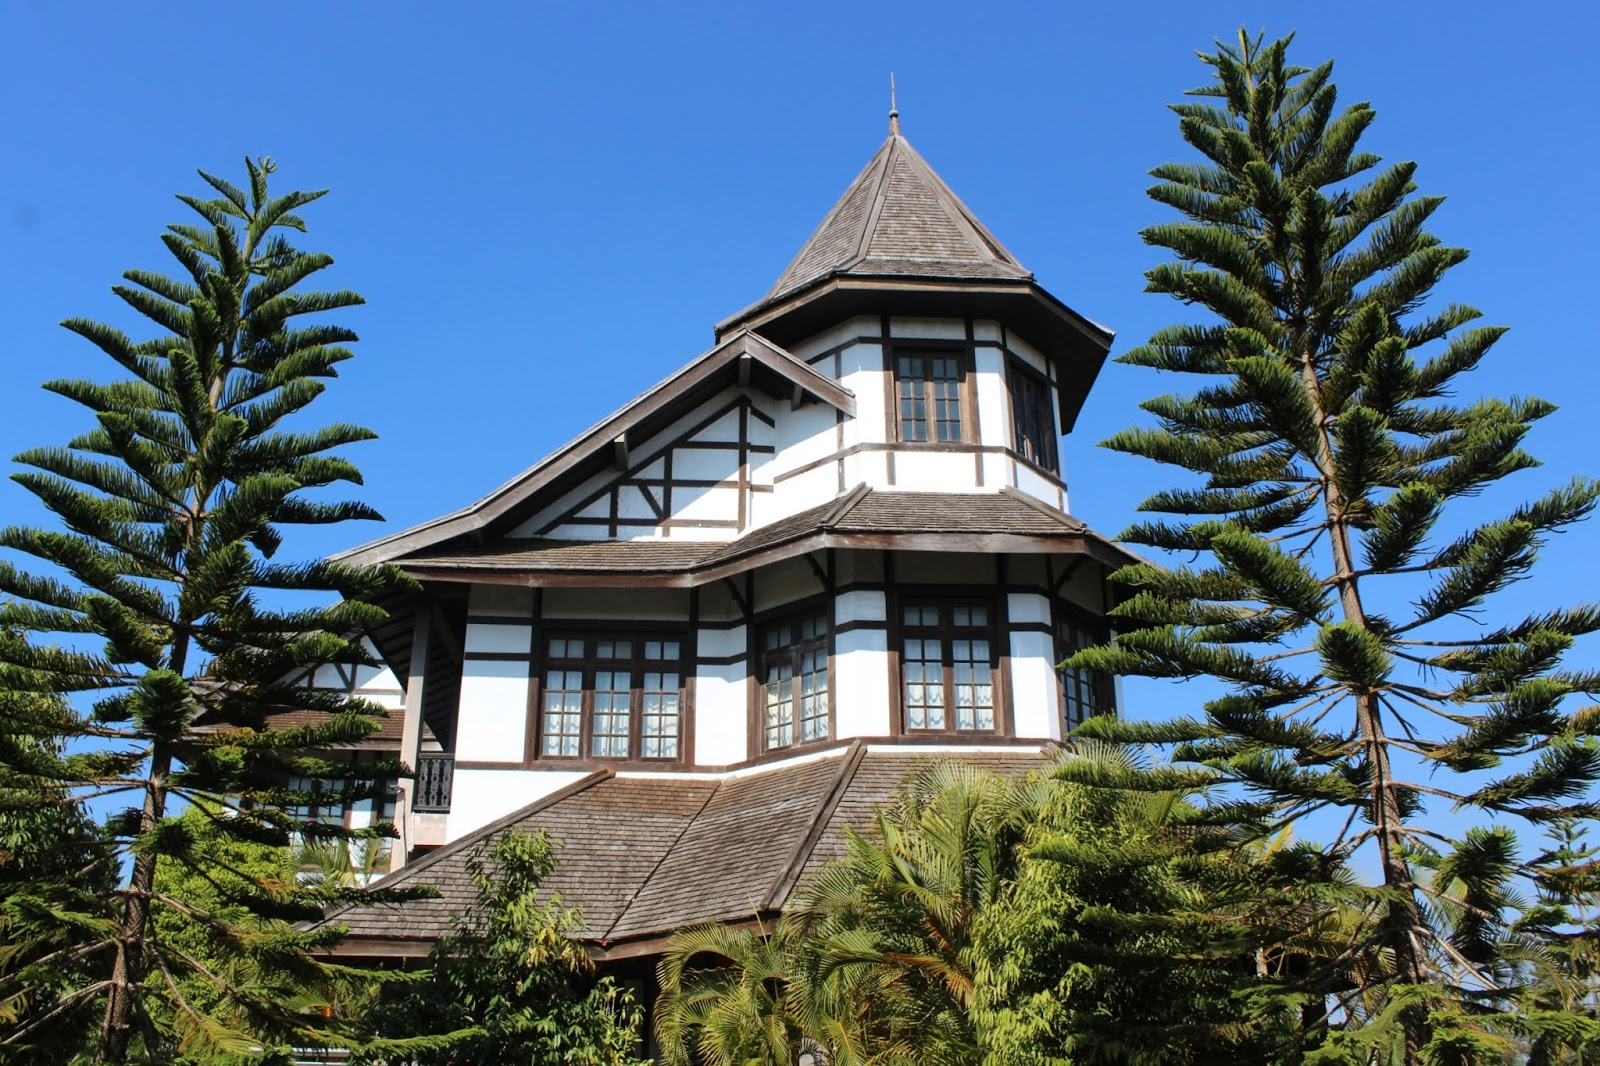 governor's house pyin oo lwin myanmar